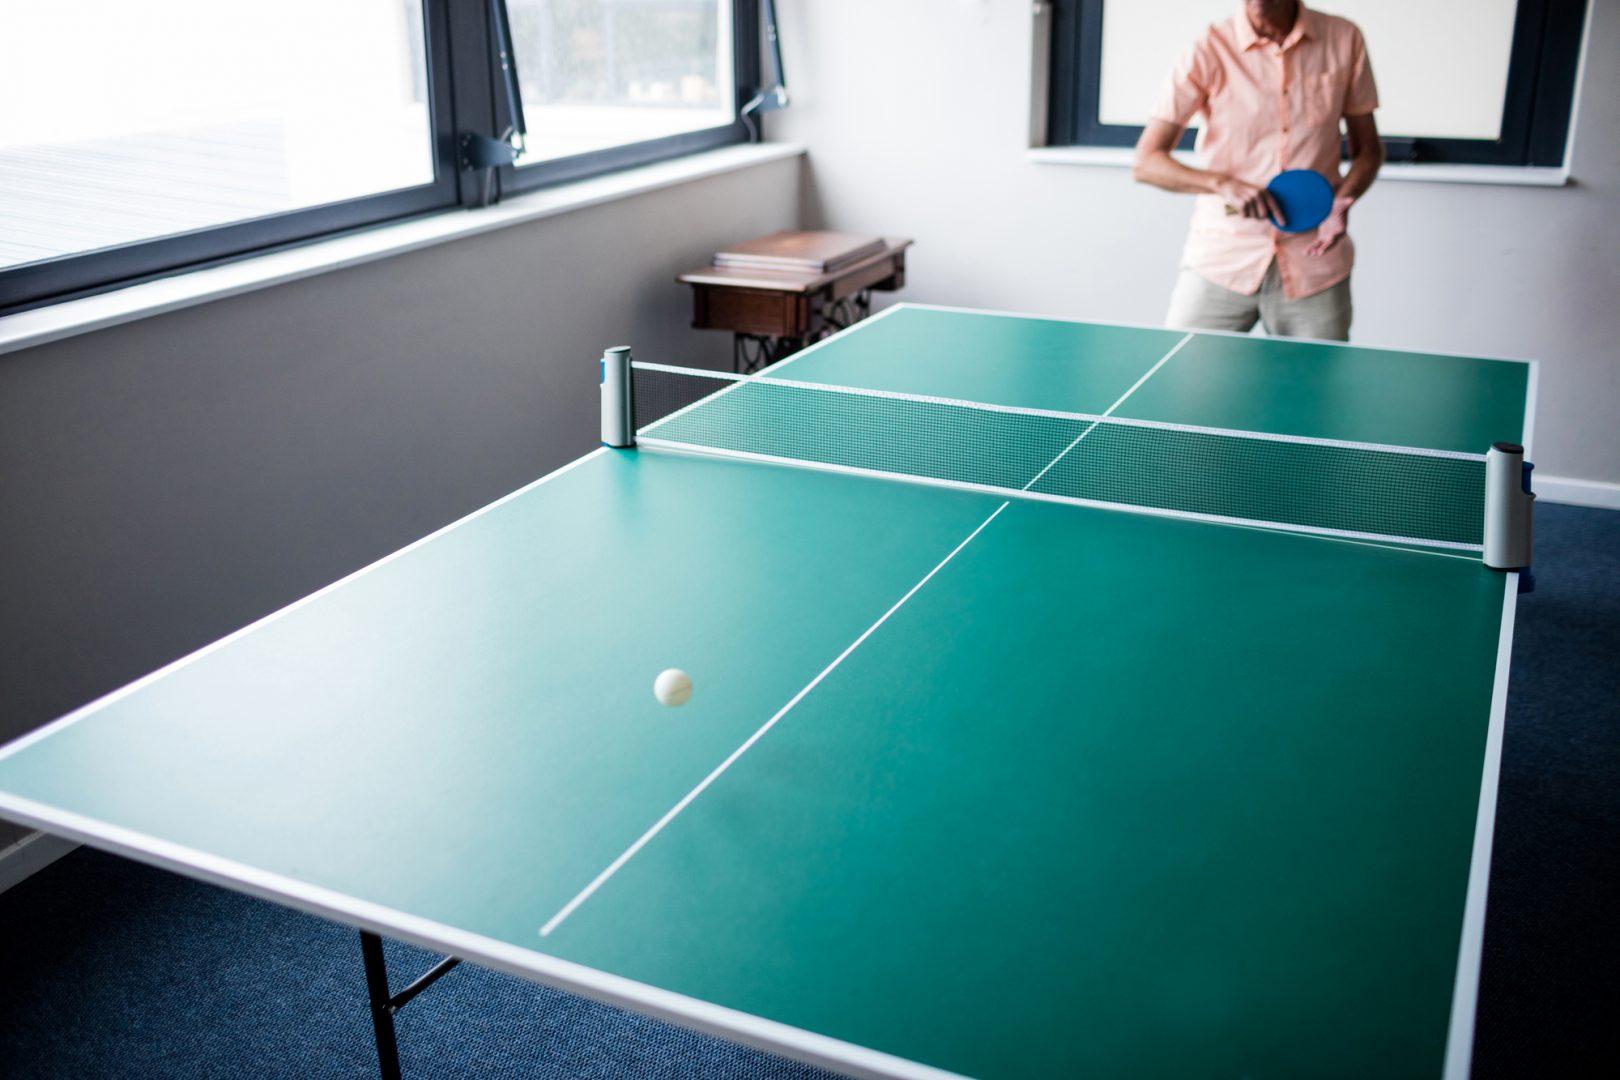 【頭で勝つ!卓球戦術】寒さに打ち勝て!冬場の試合で最高のパフォーマンスを!